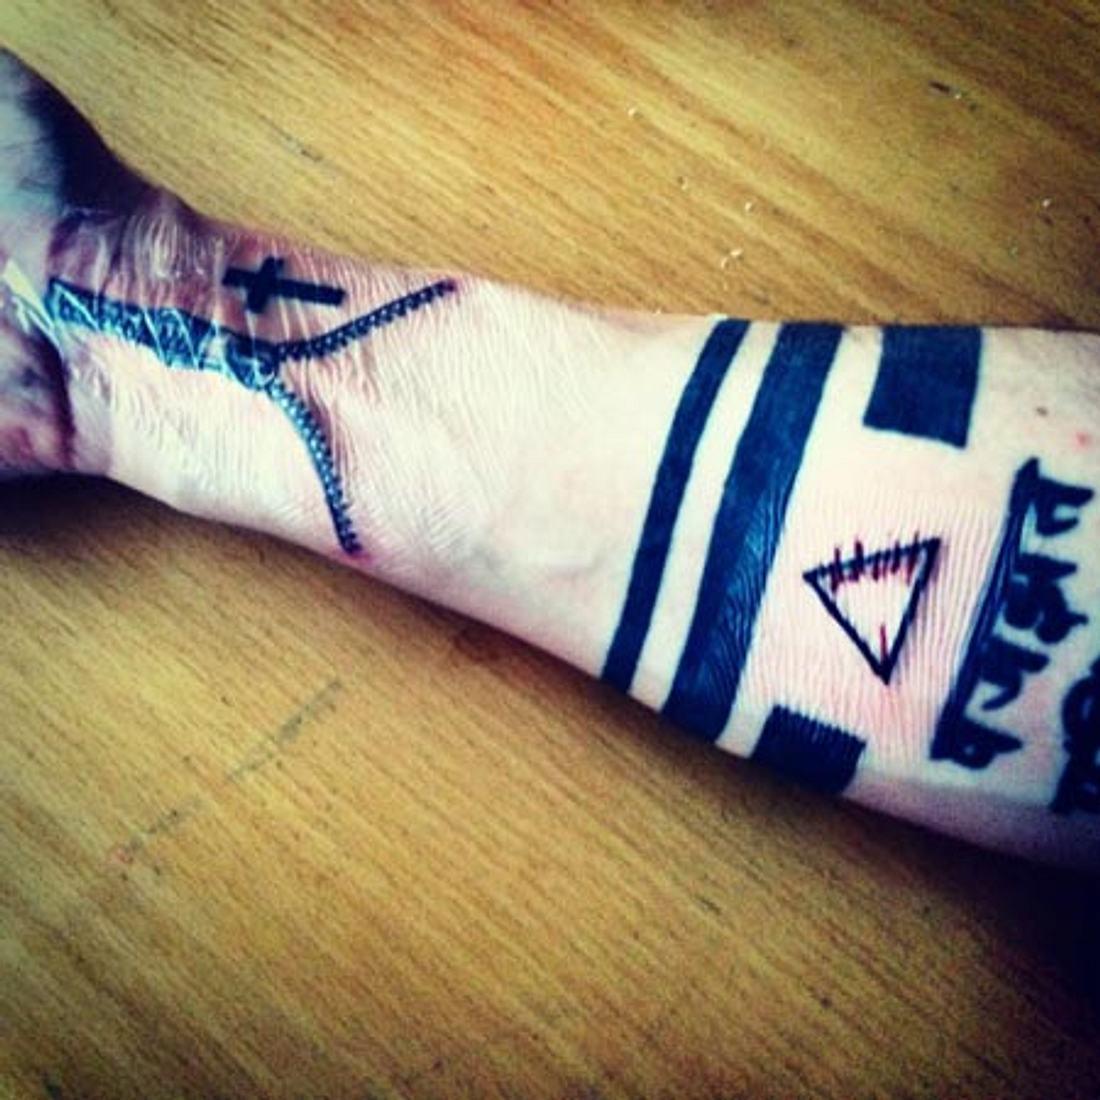 So firsch, da ist sogar noch die Folie drauf, die nach dem tättowieren das Tattoo schützen soll